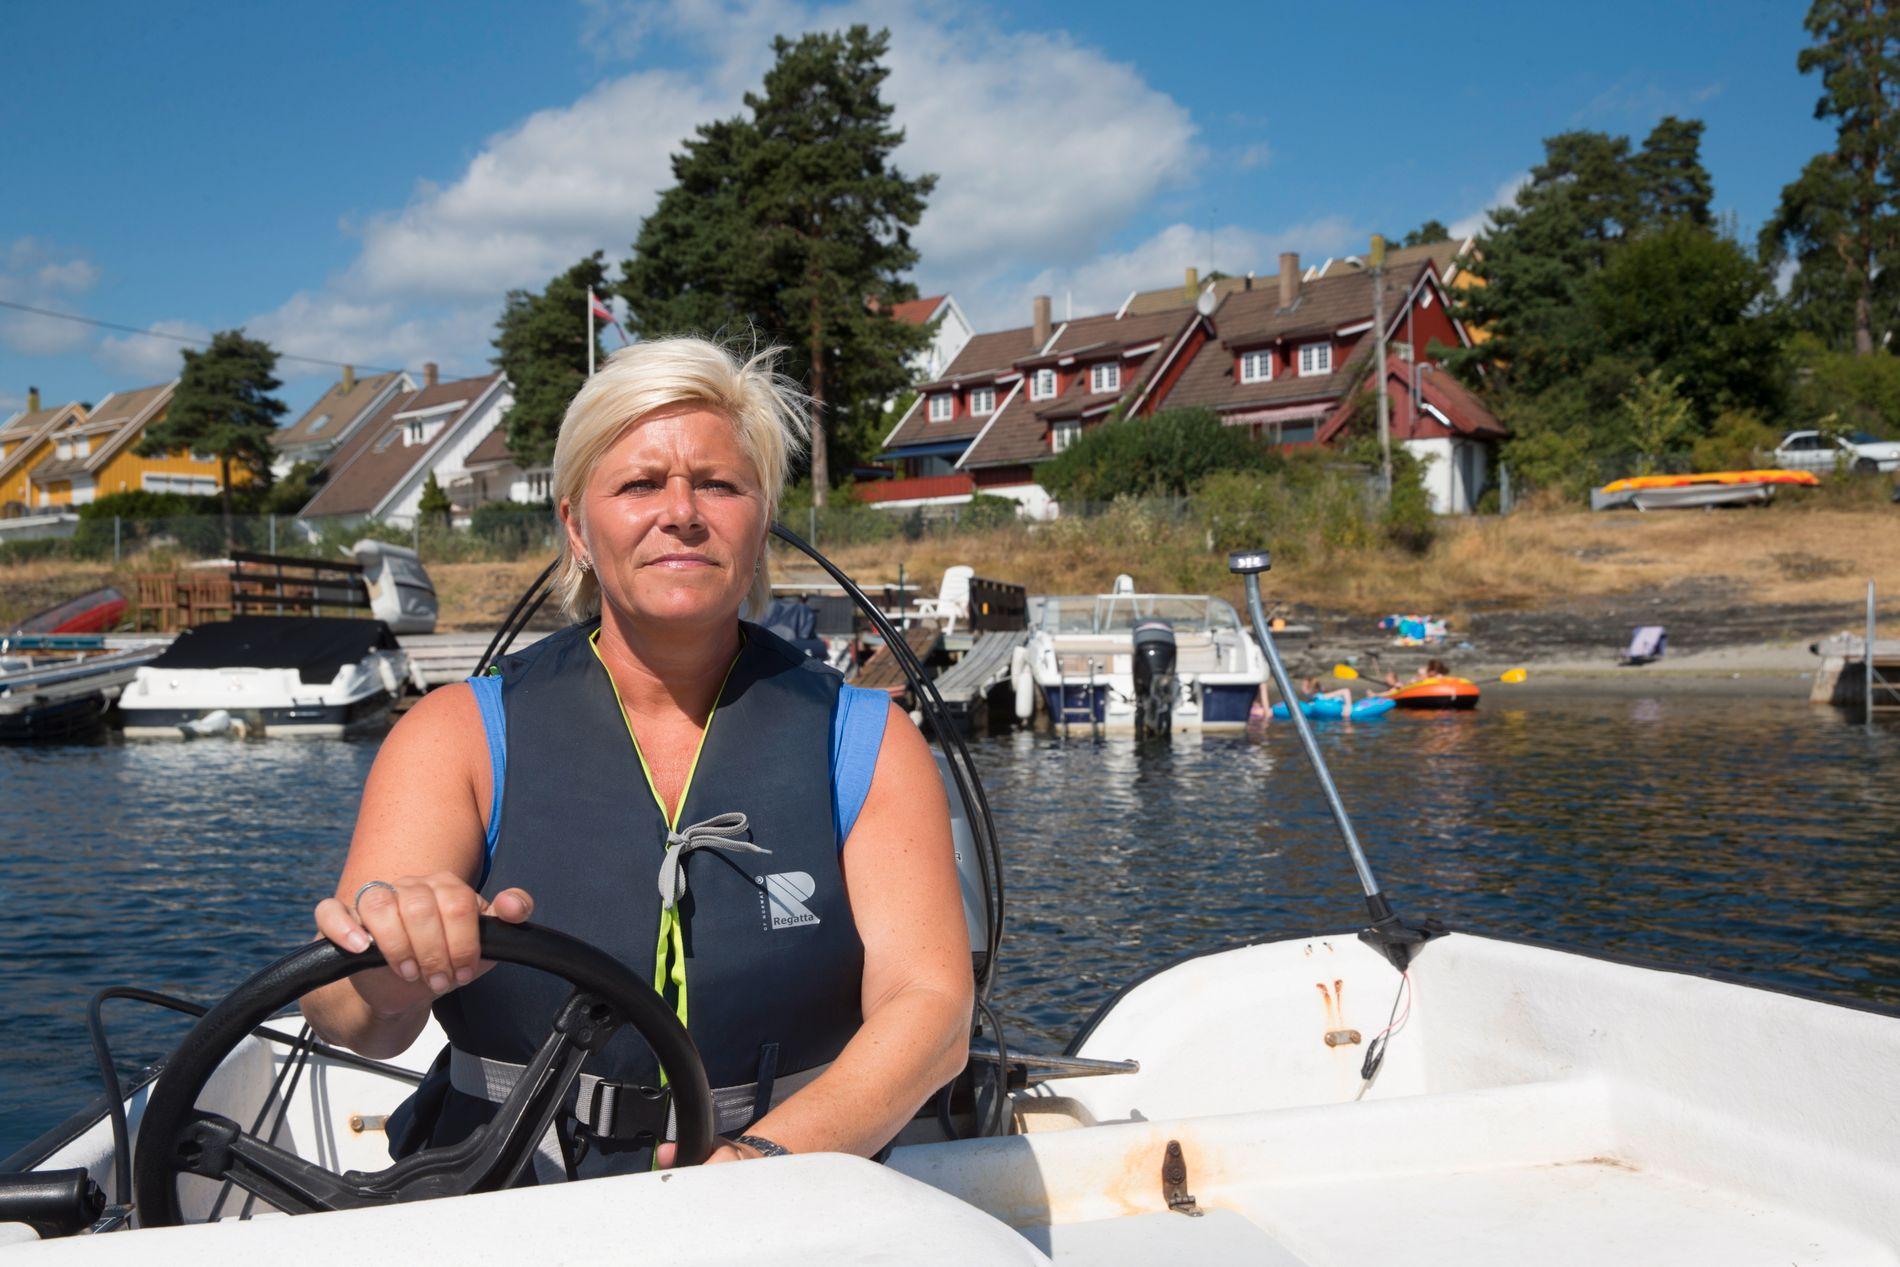 TRØBBEL: Finansminister Siv Jensen leier en hytte av Andresen-familien på Grimsøya, som ligger i indrefileten av Oslofjorden. Prisen hun betaler for denne har fått flere til å reagere. Dette bildet ble tatt i en annen sammenheng.